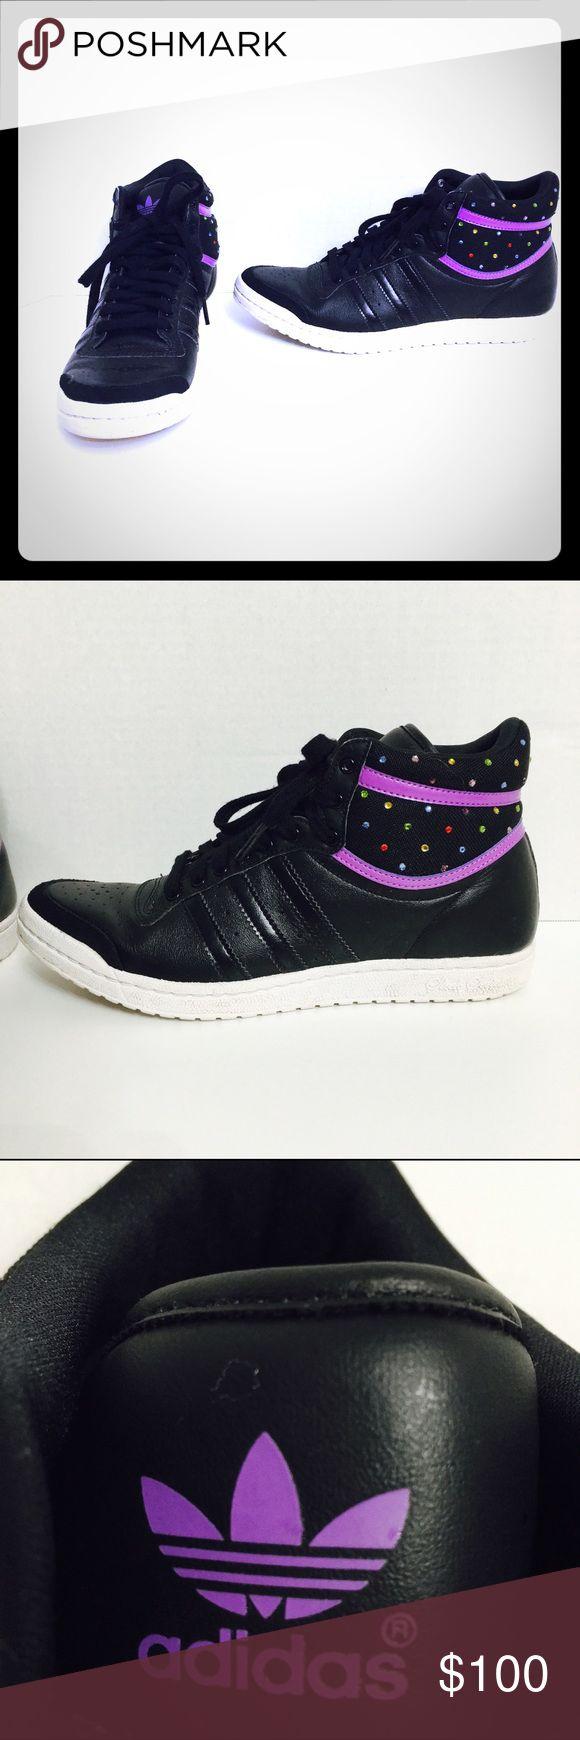 Adidas Sleek Series Black Purple Bling Hi Tops! Size7! Adidas Shoes Sneakers